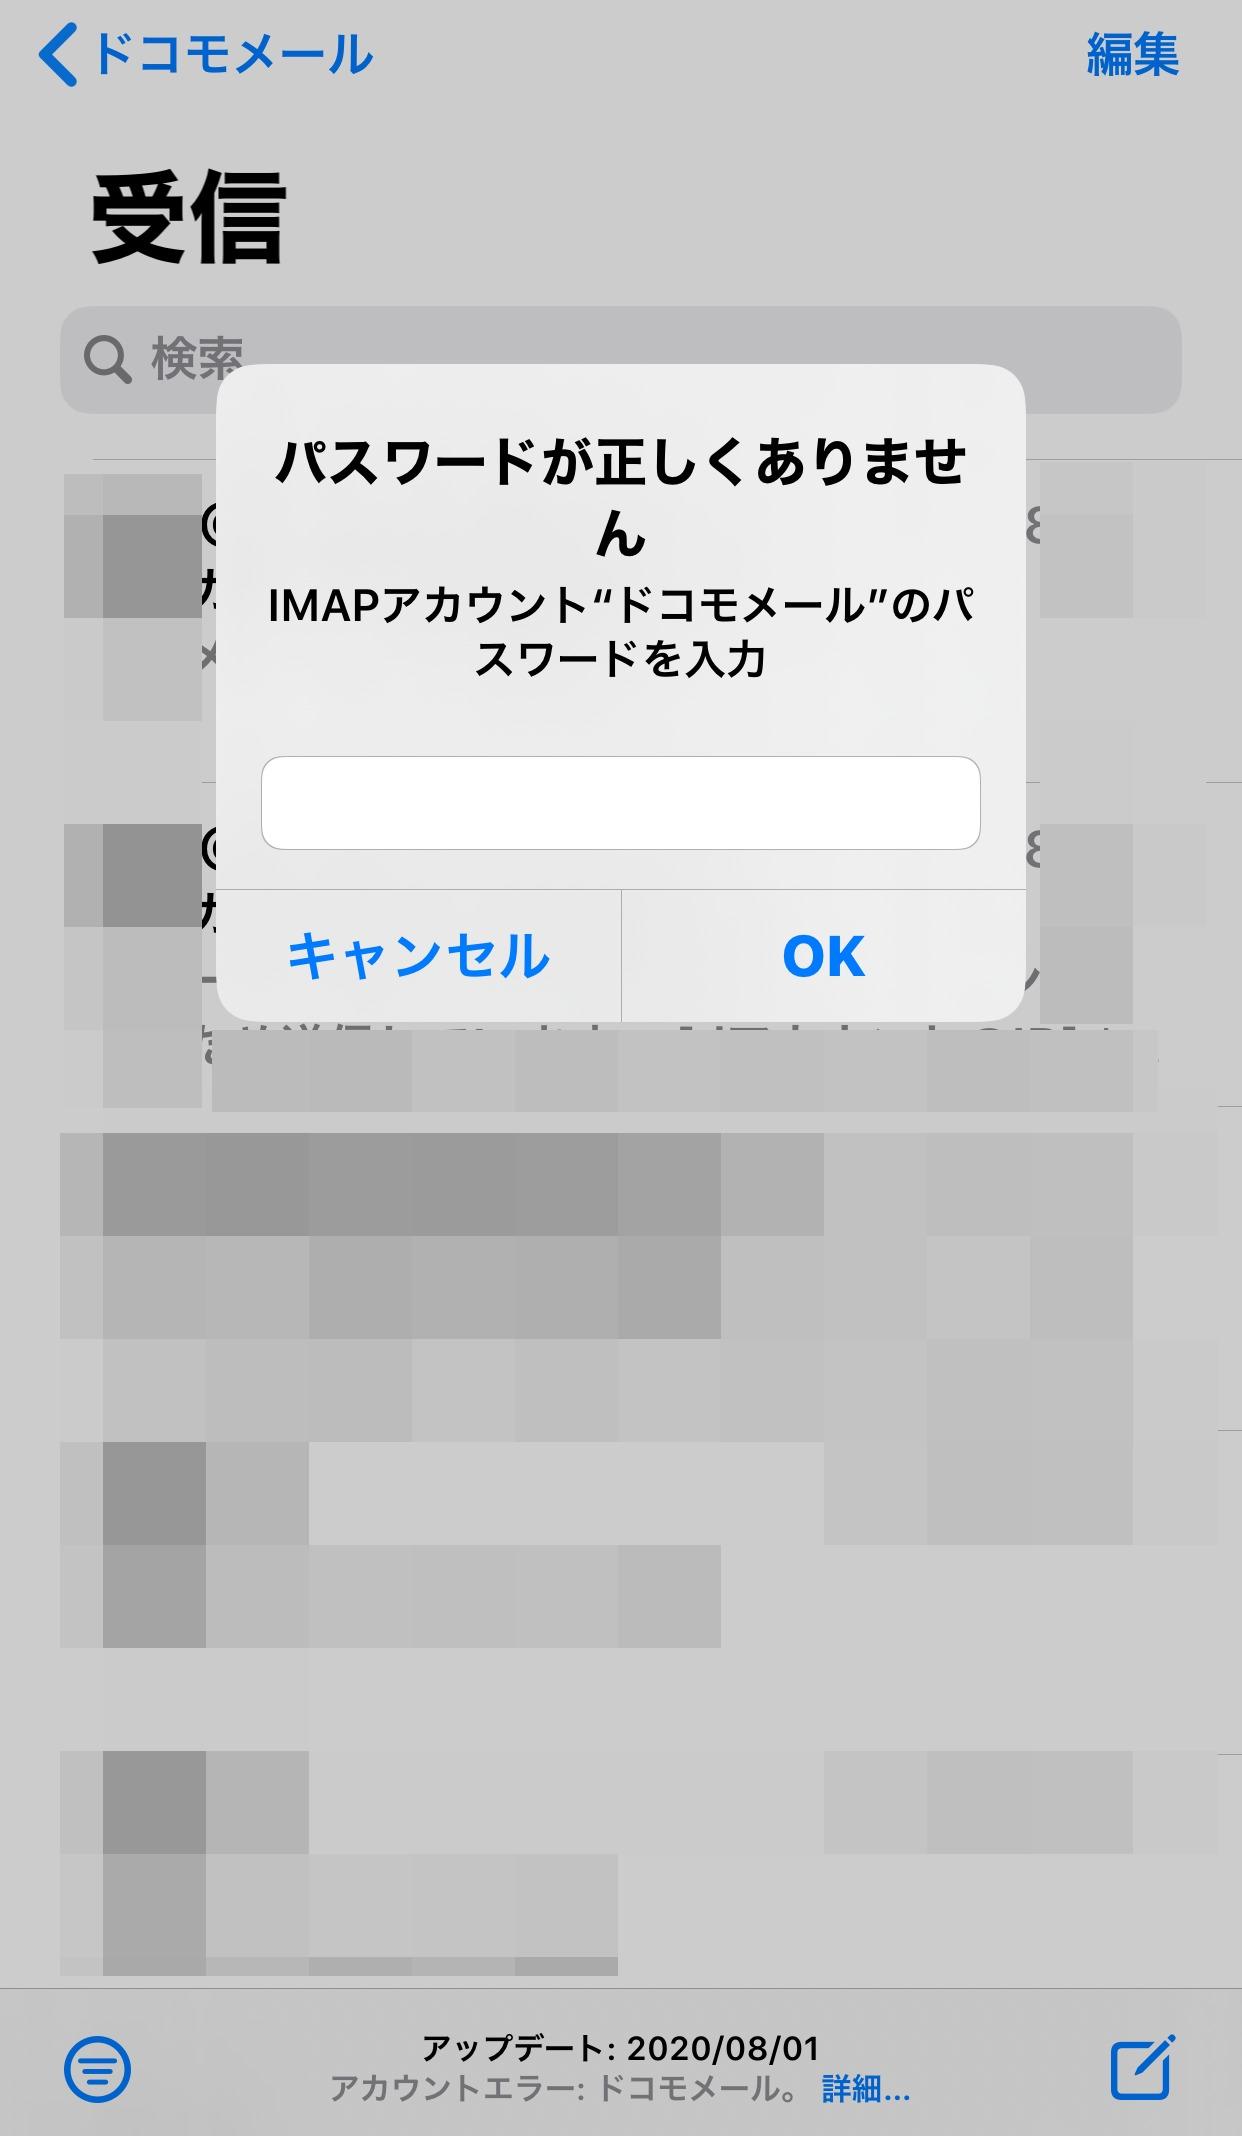 その中で下へ長押しのスクロールをしますと、このように「IMAP専用パスワード」を入力する画面が表示されますので、「IMAP専用パスワード」を入力します。